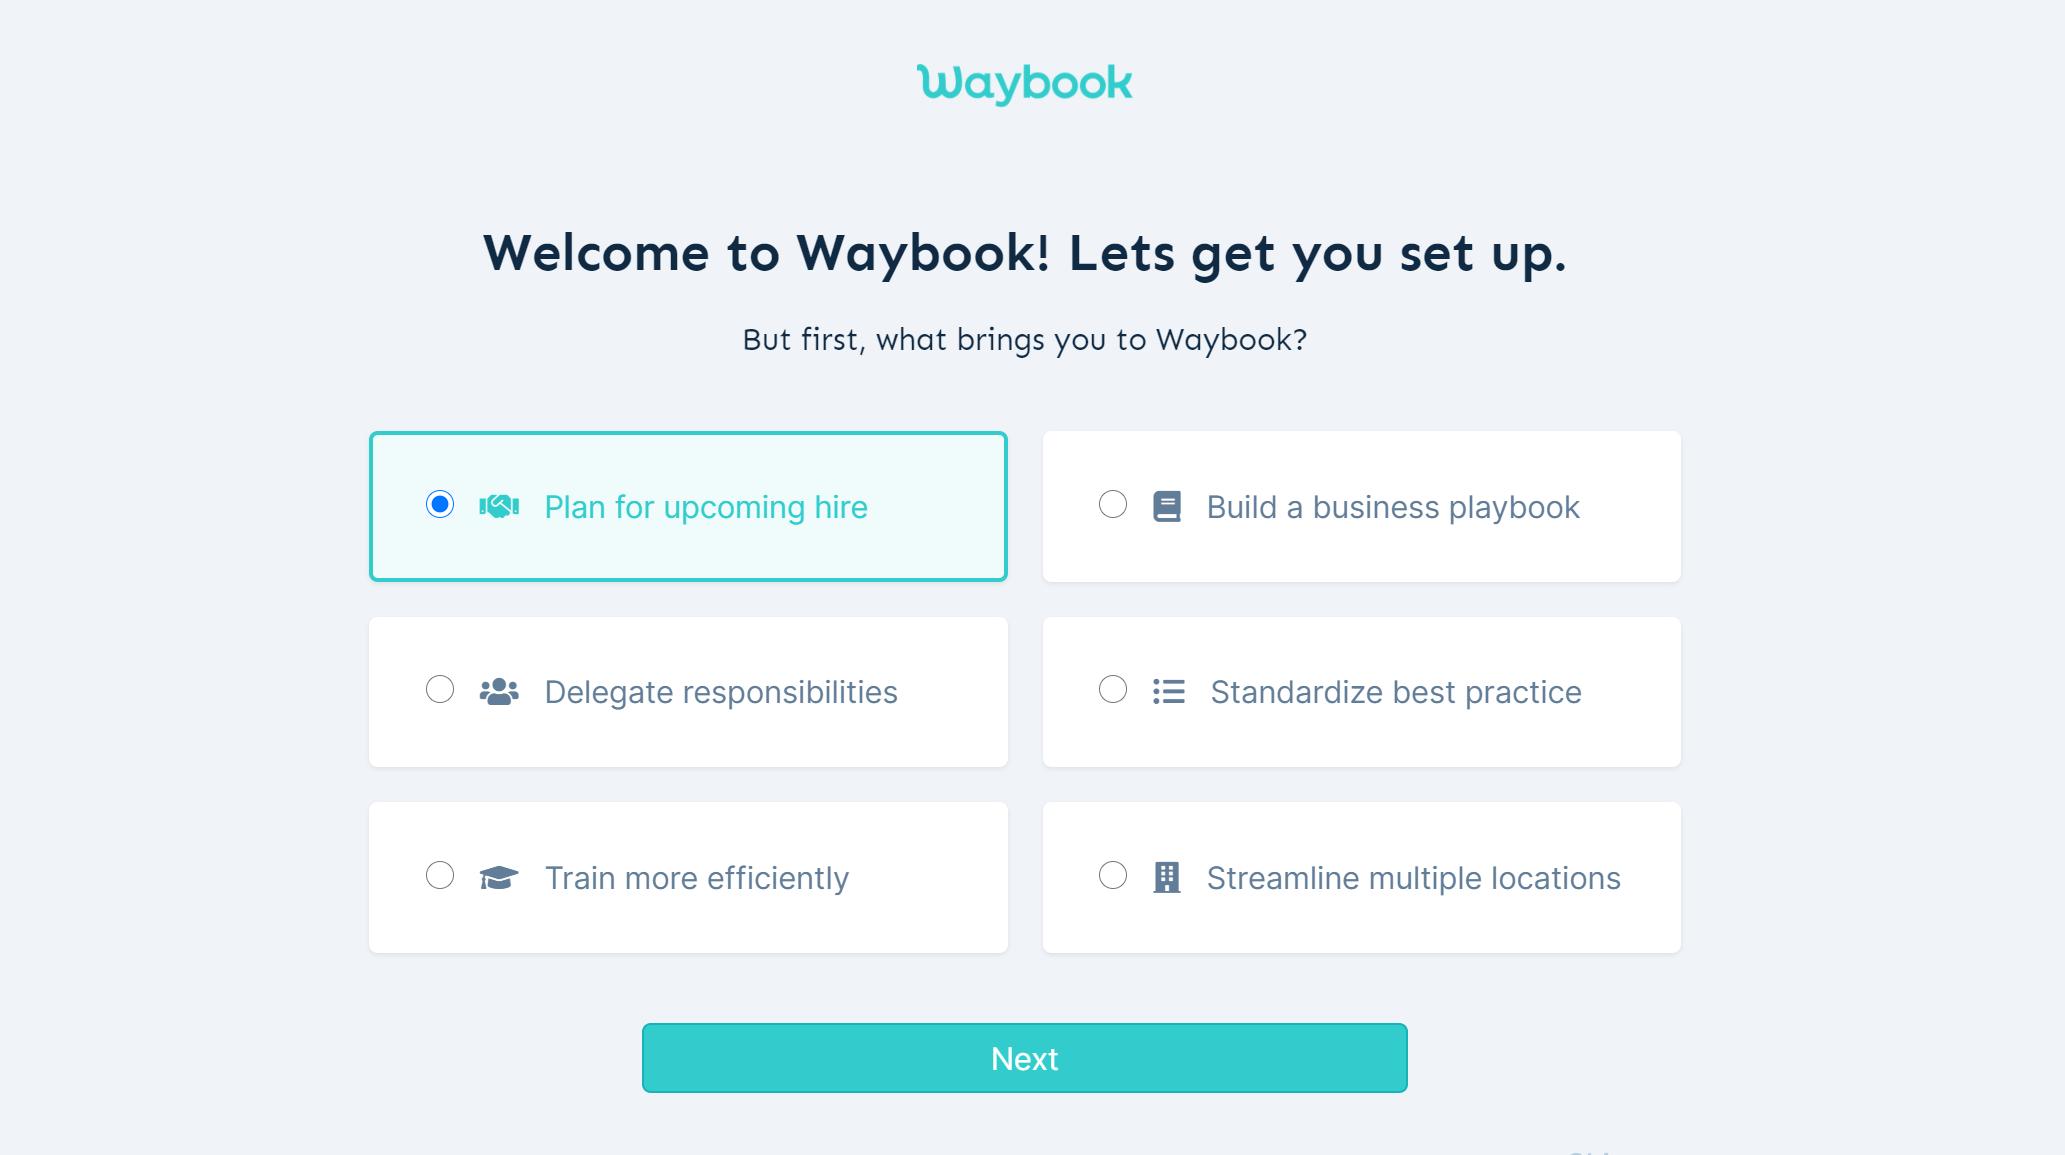 Waybook - Onboarding